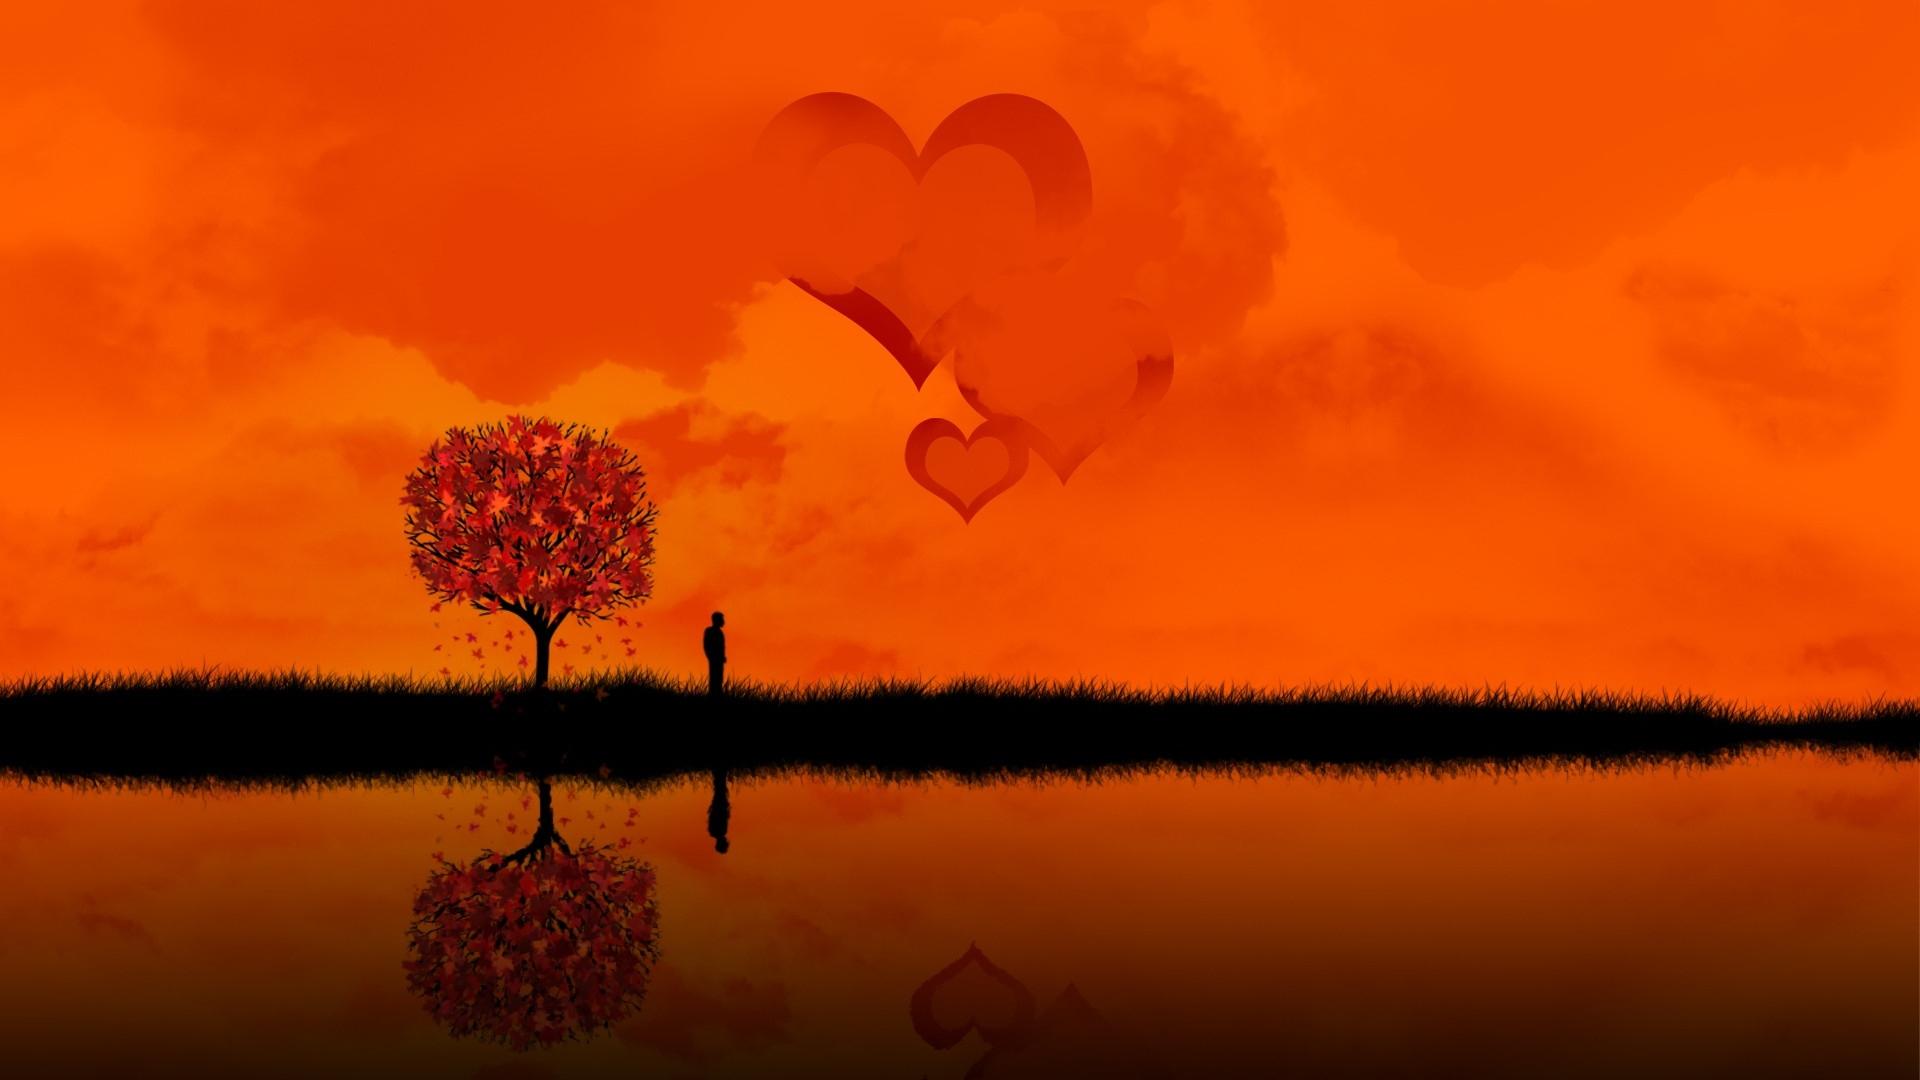 Download Wallpaper 1920x1080 Sea River Person Love Full Hd